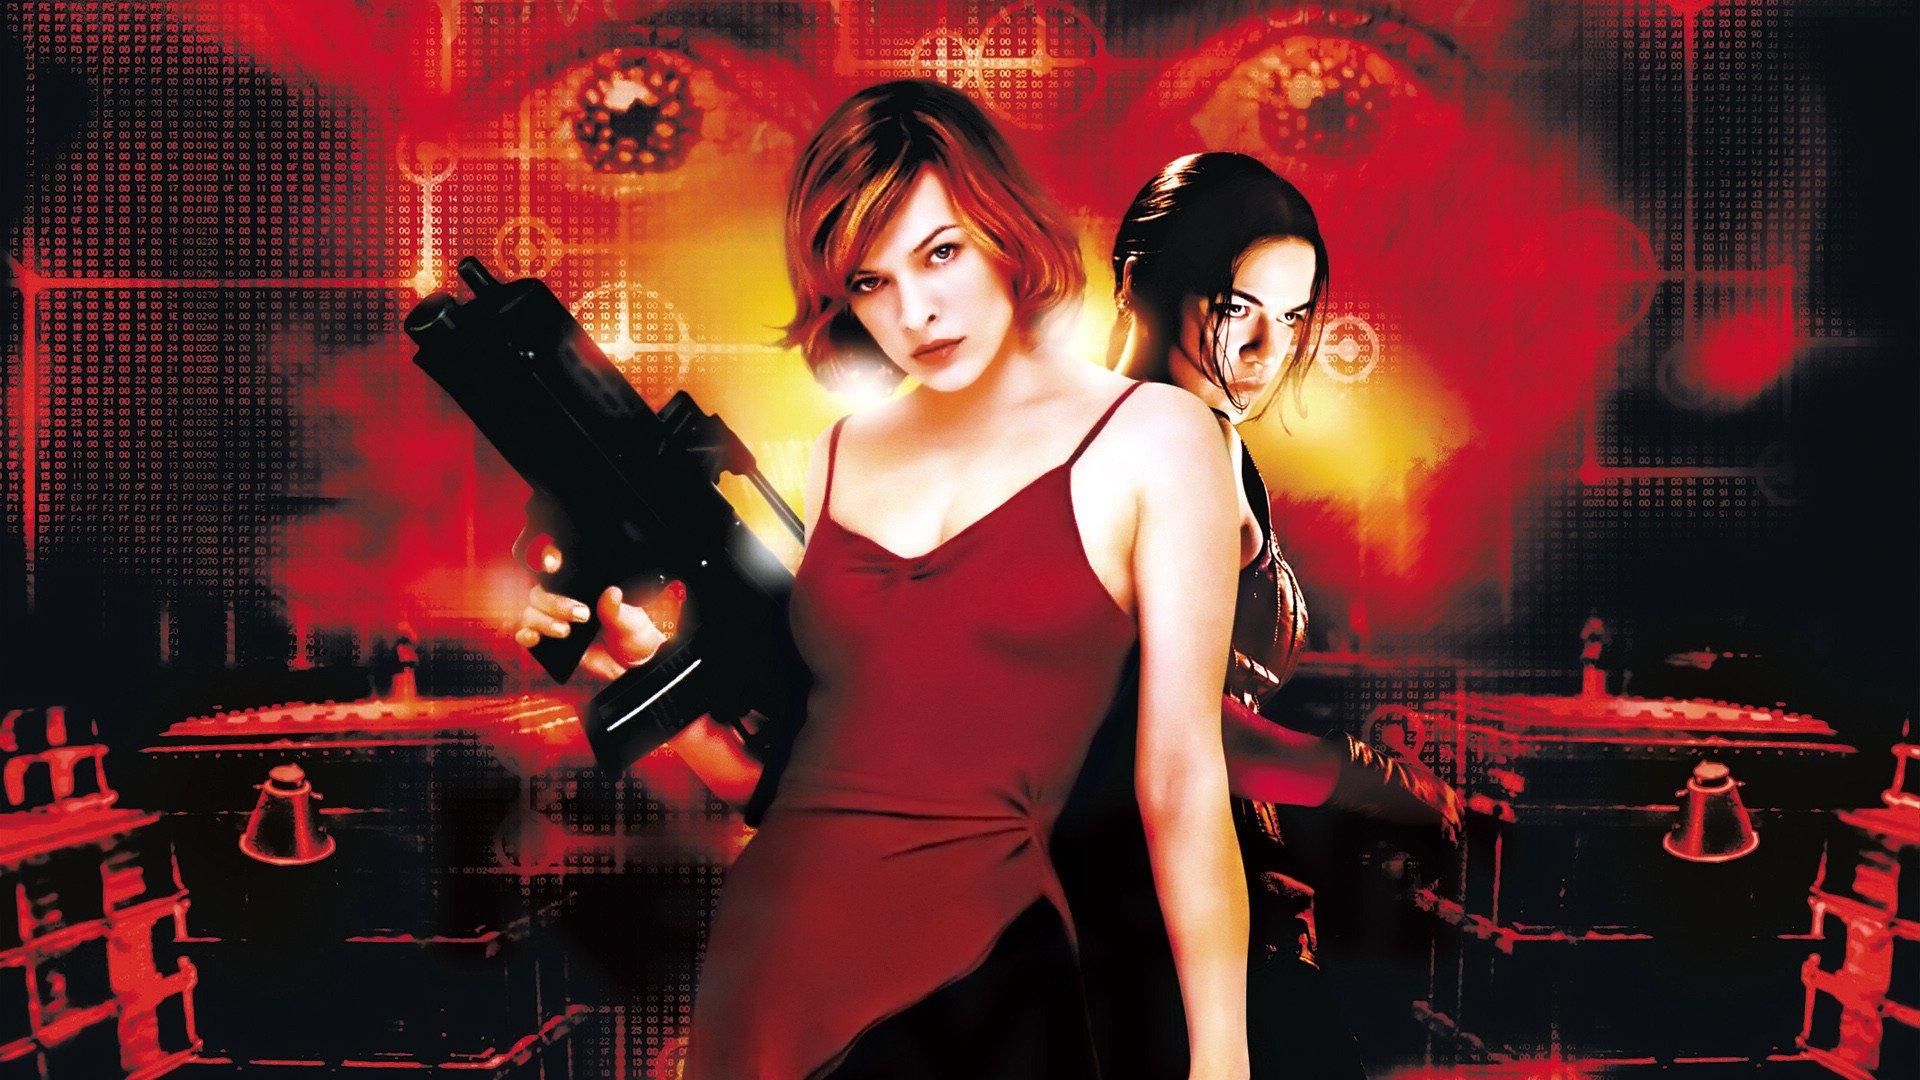 Regarder Resident Evil en streaming gratuit